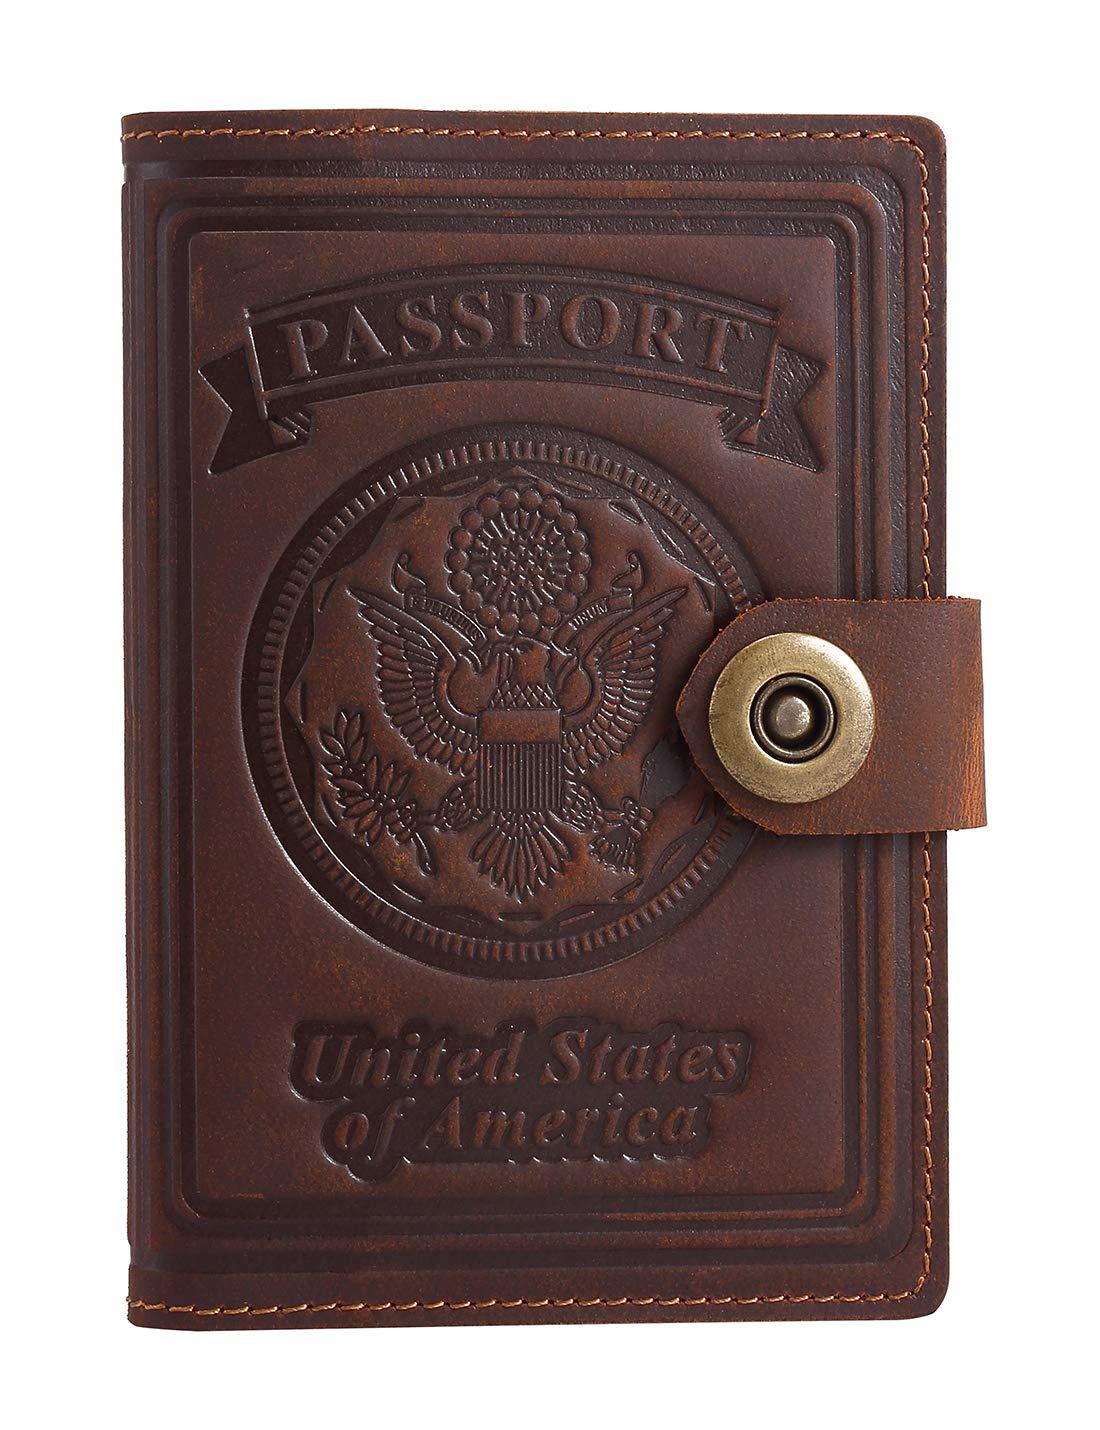 Schumarson Passport Holder Genuine Leather Passport Wallet Passport Cover Bifold Travel Wallet